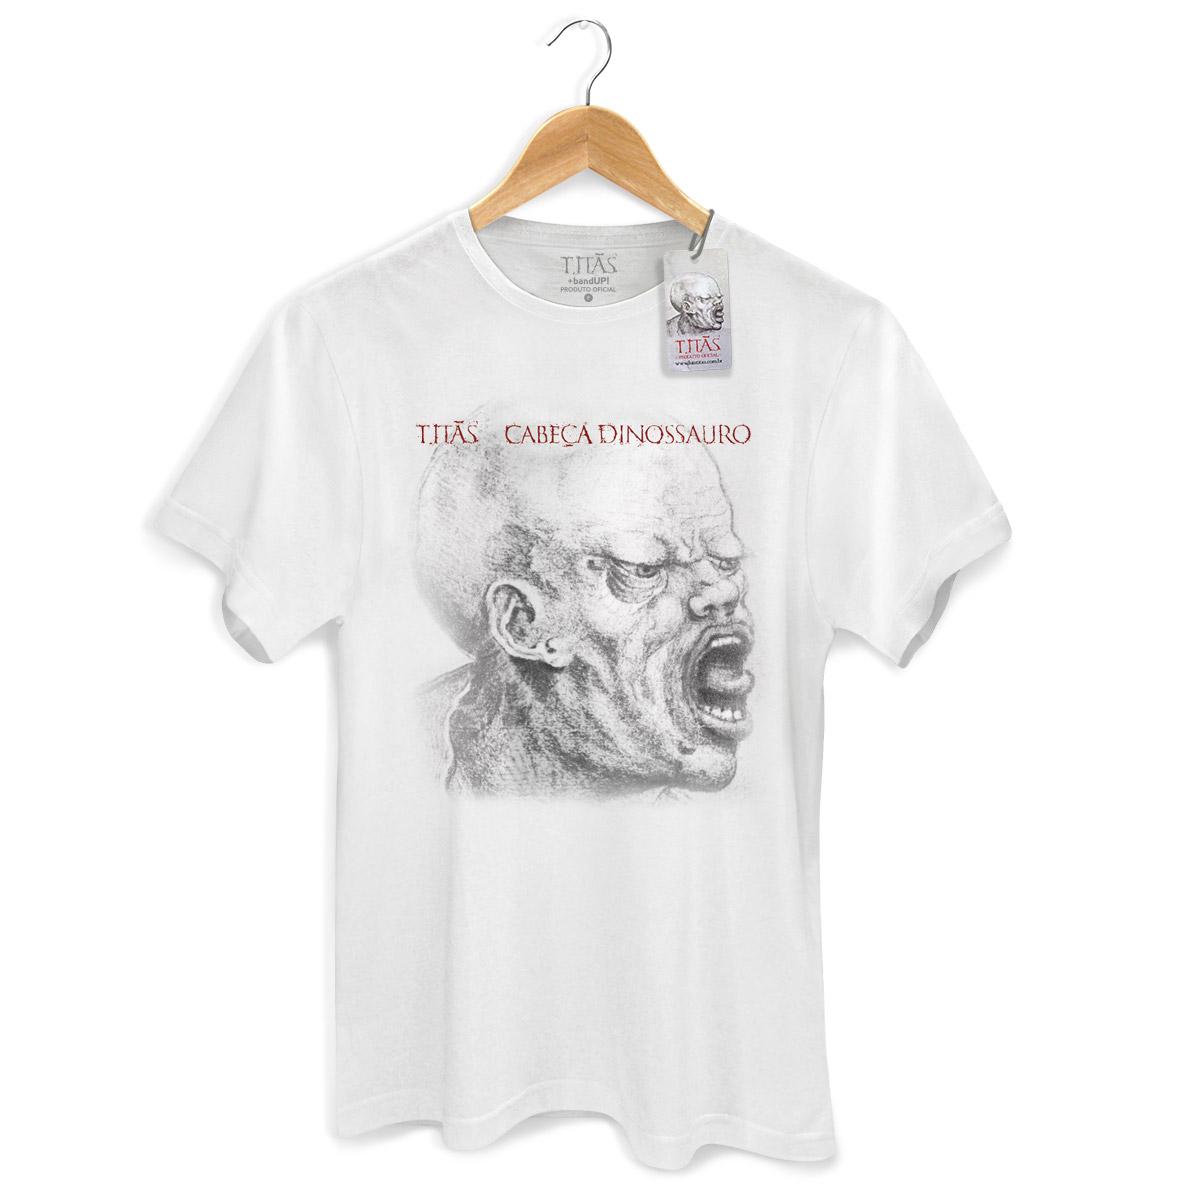 Camiseta Masculina Titãs Cabeça Dinossauro